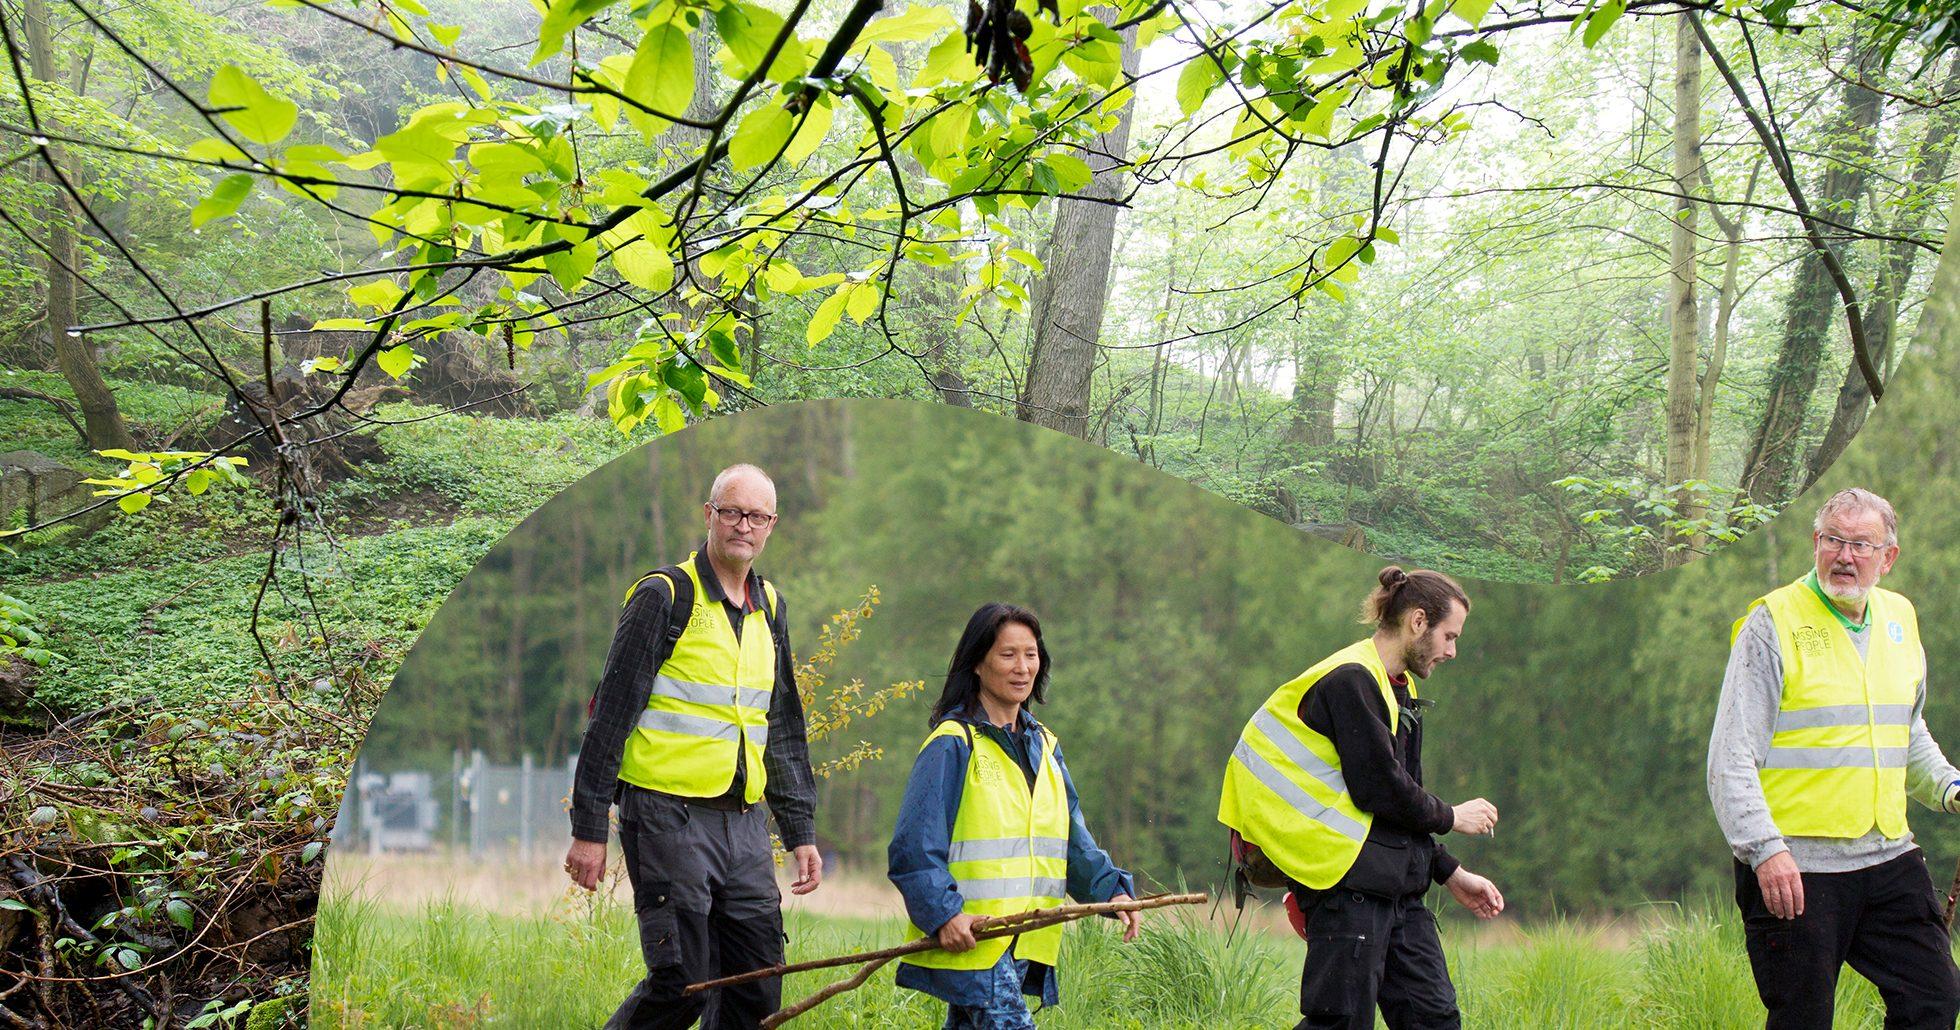 Människor från Missing peope söker i skogen